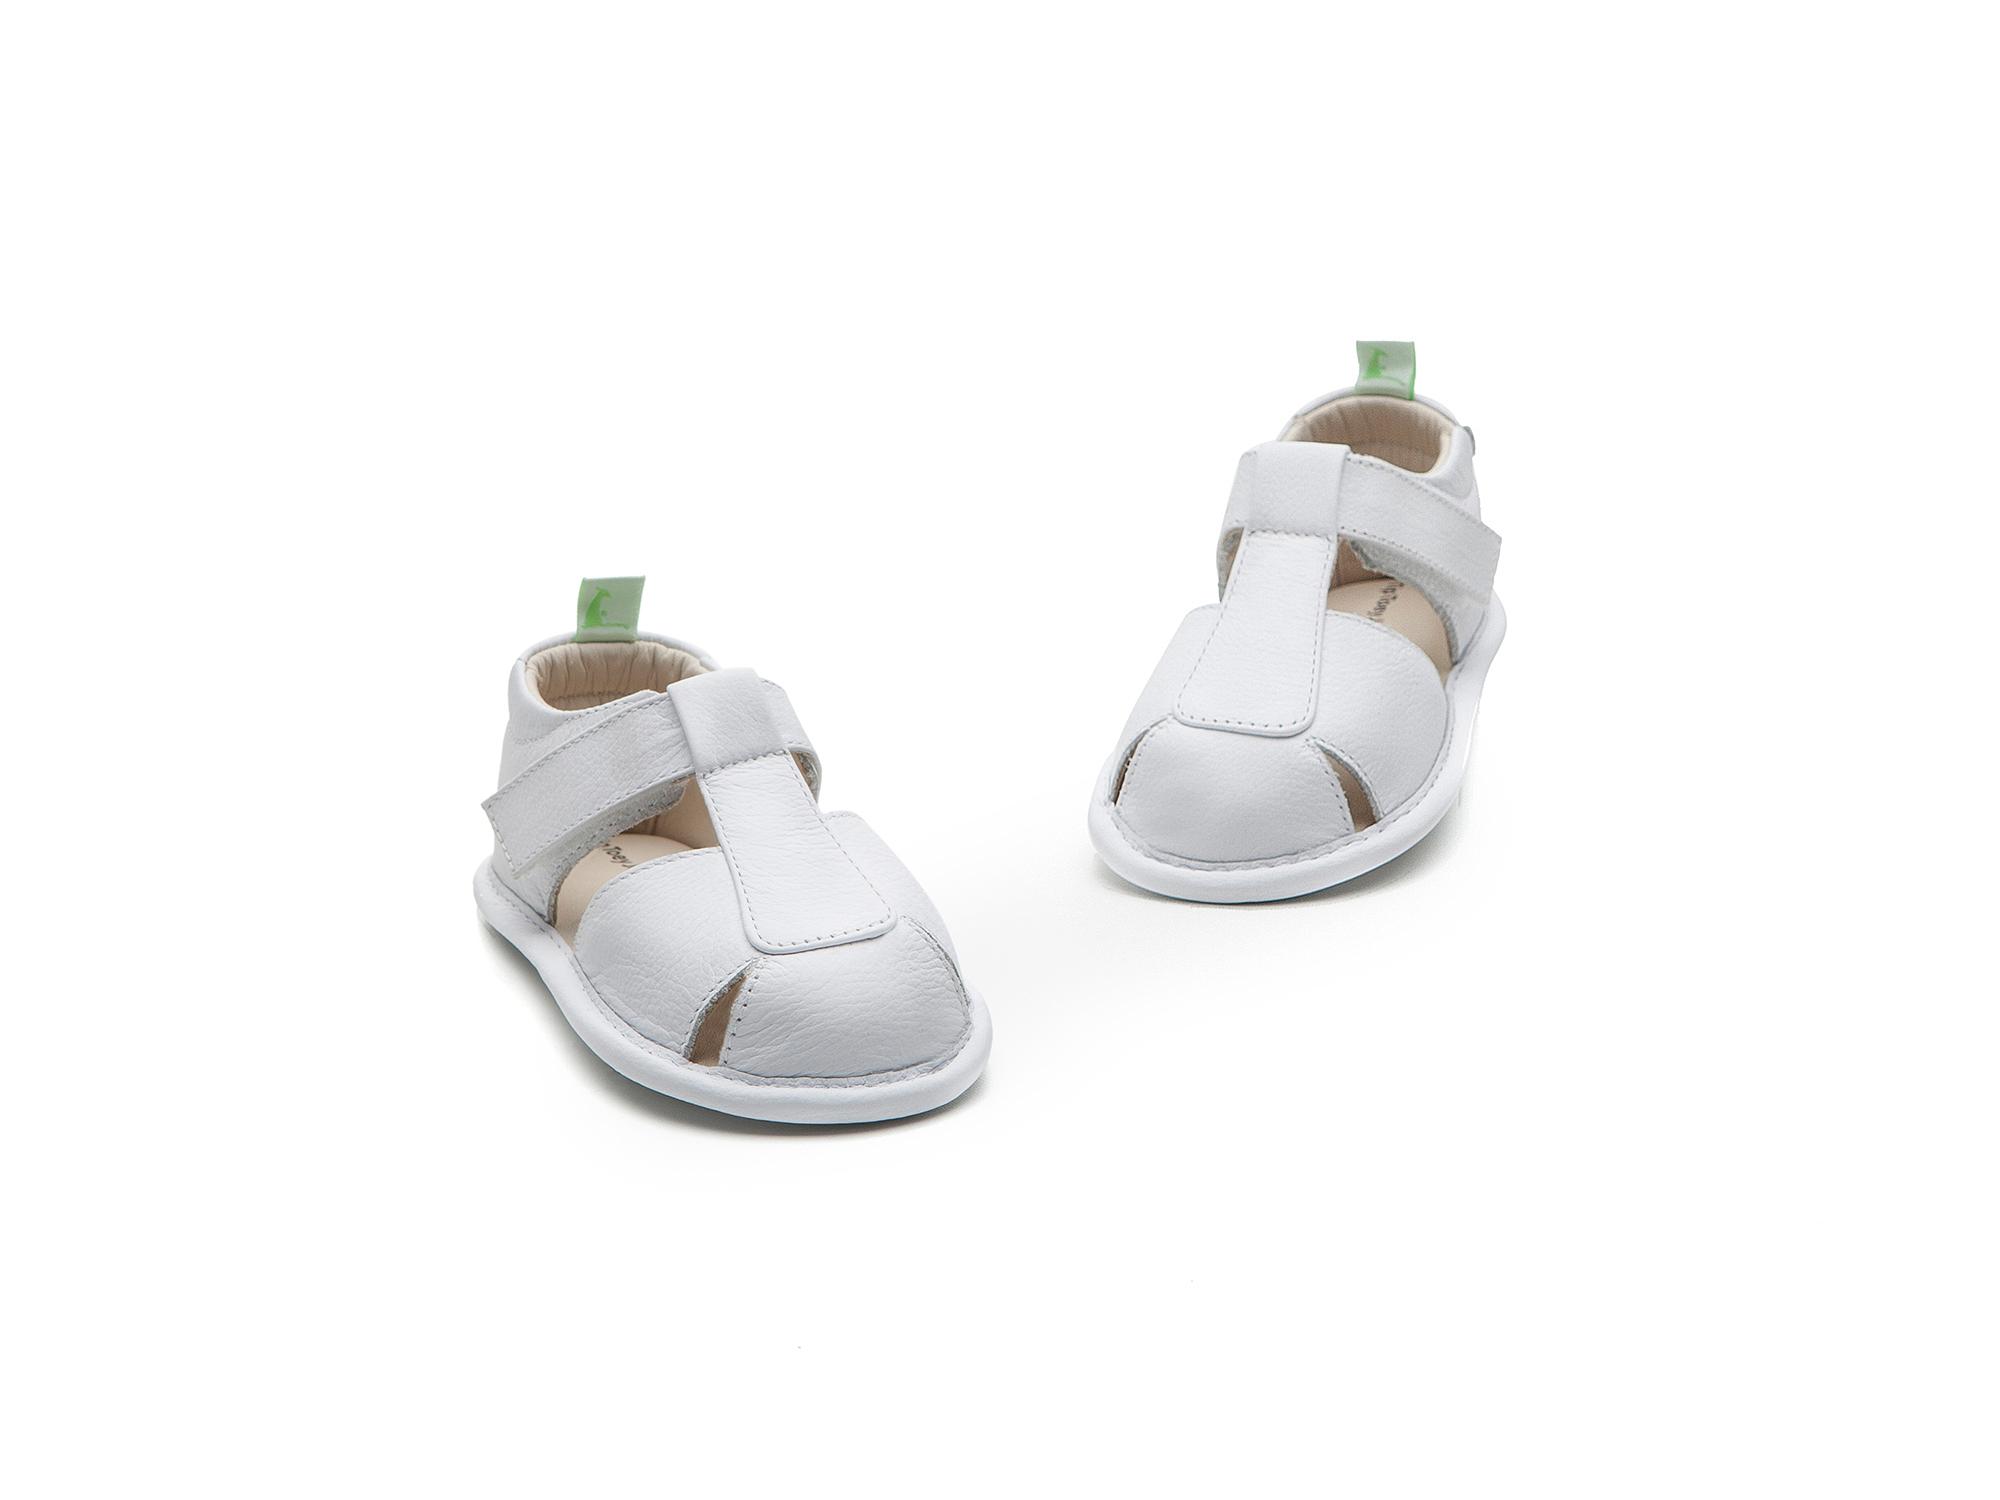 Sandália Parky White  Baby 0 à 2 anos - 1